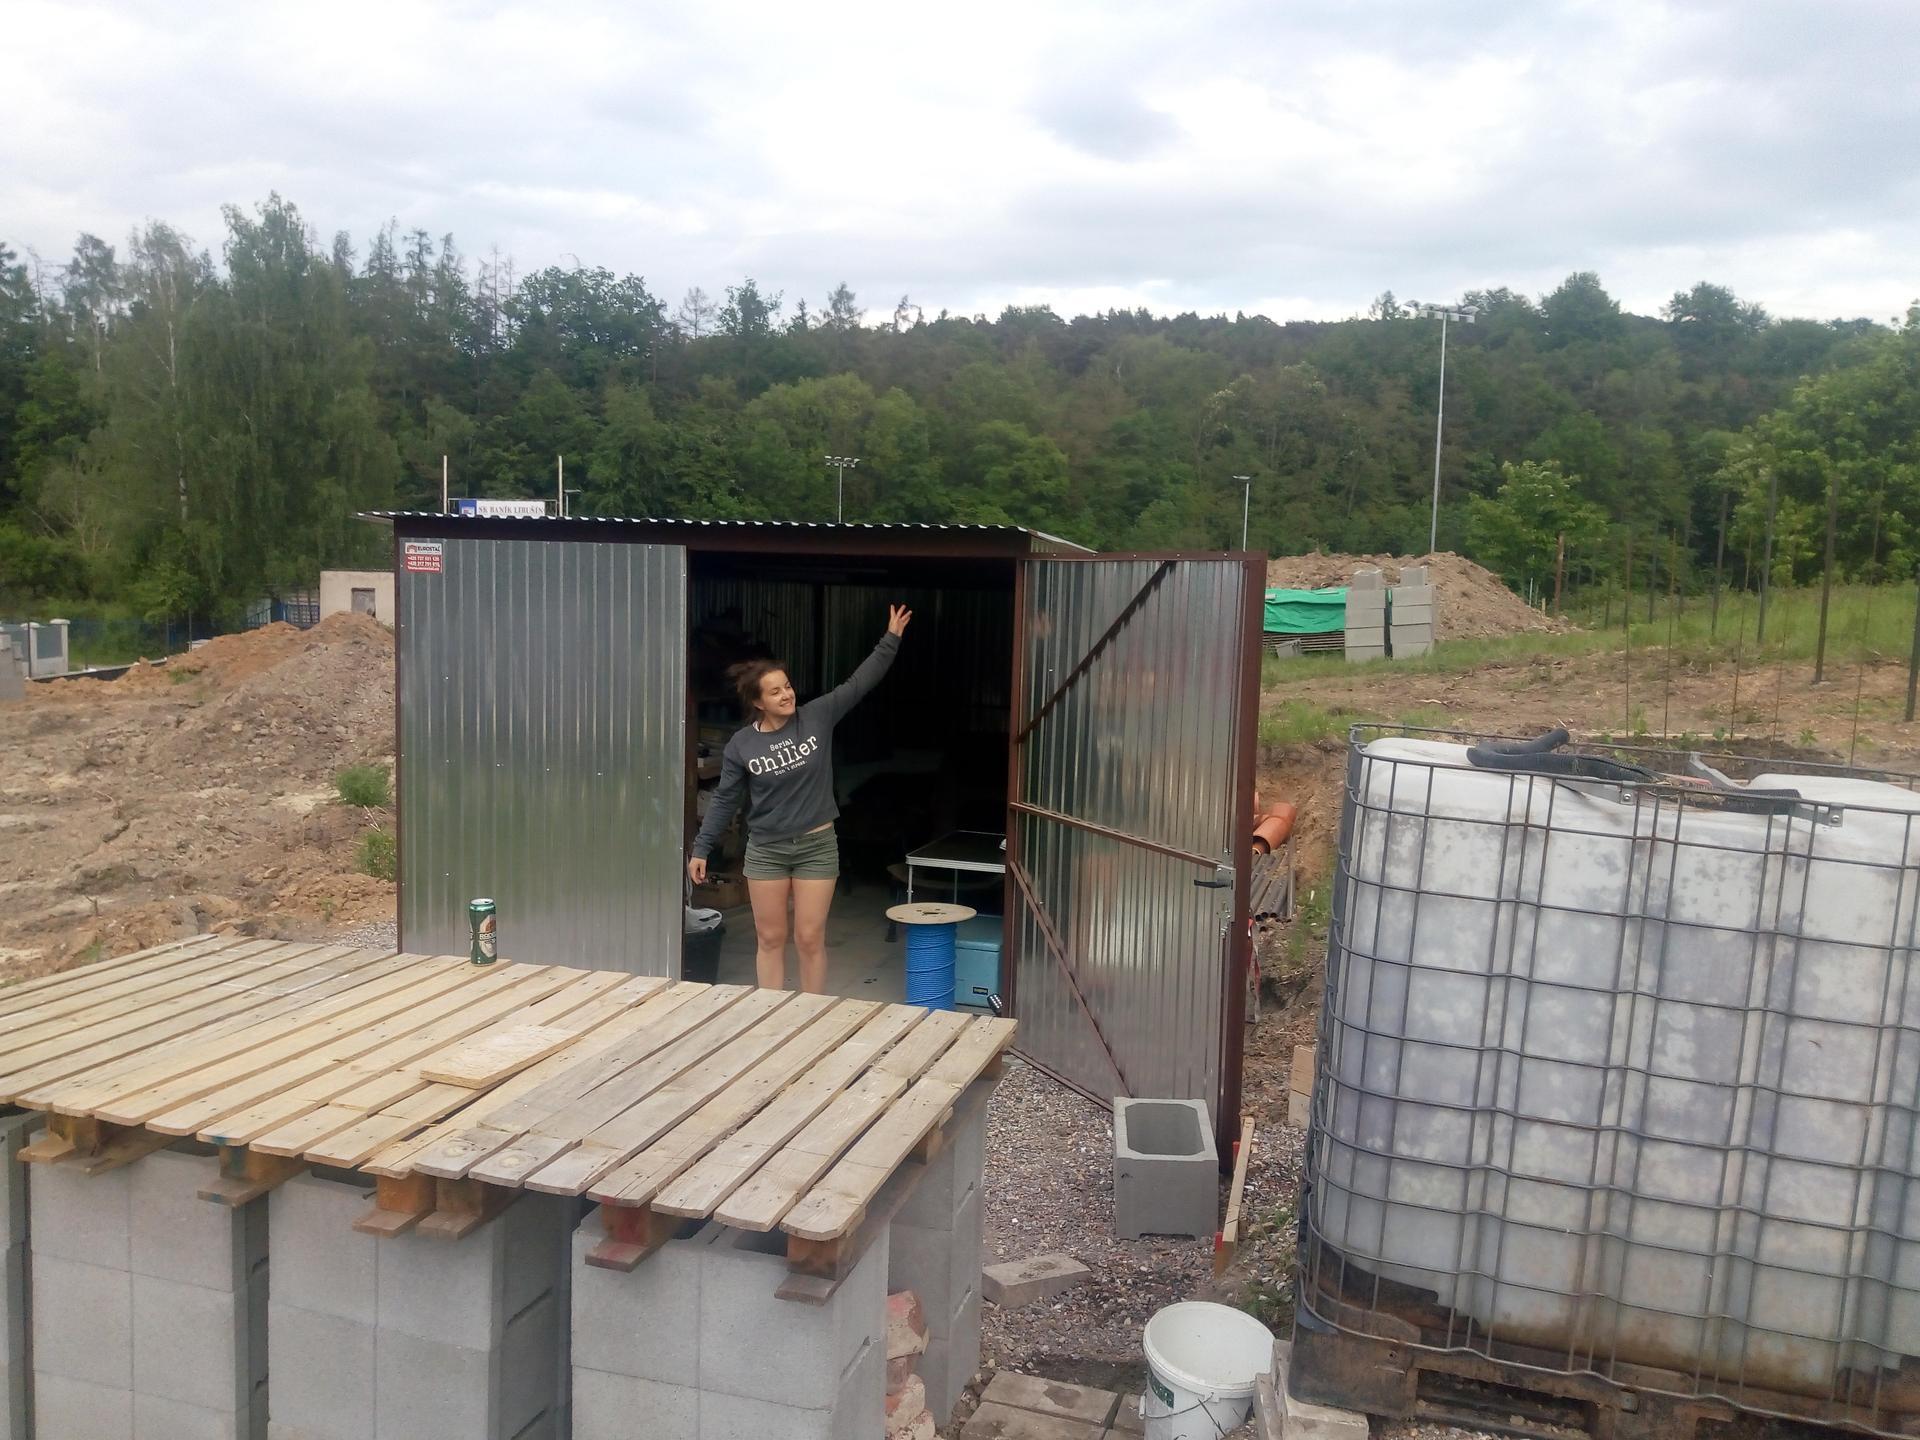 Příprava pozemku, bednění, základy, opěrka, bouda, plot - Obrázek č. 53